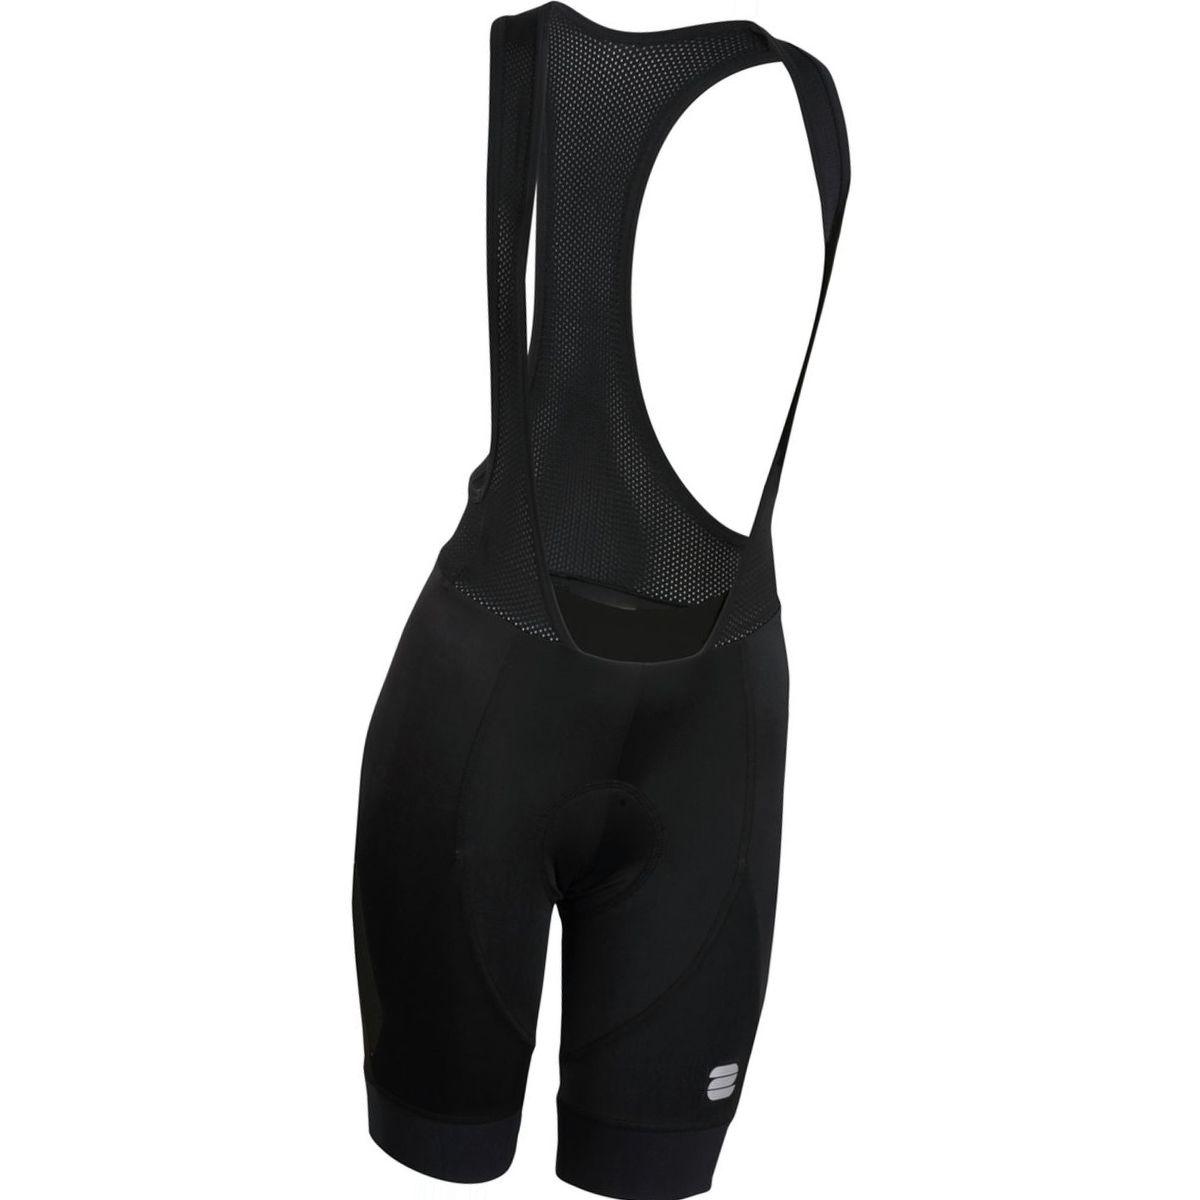 Sportful Neo Bib Short - Women's